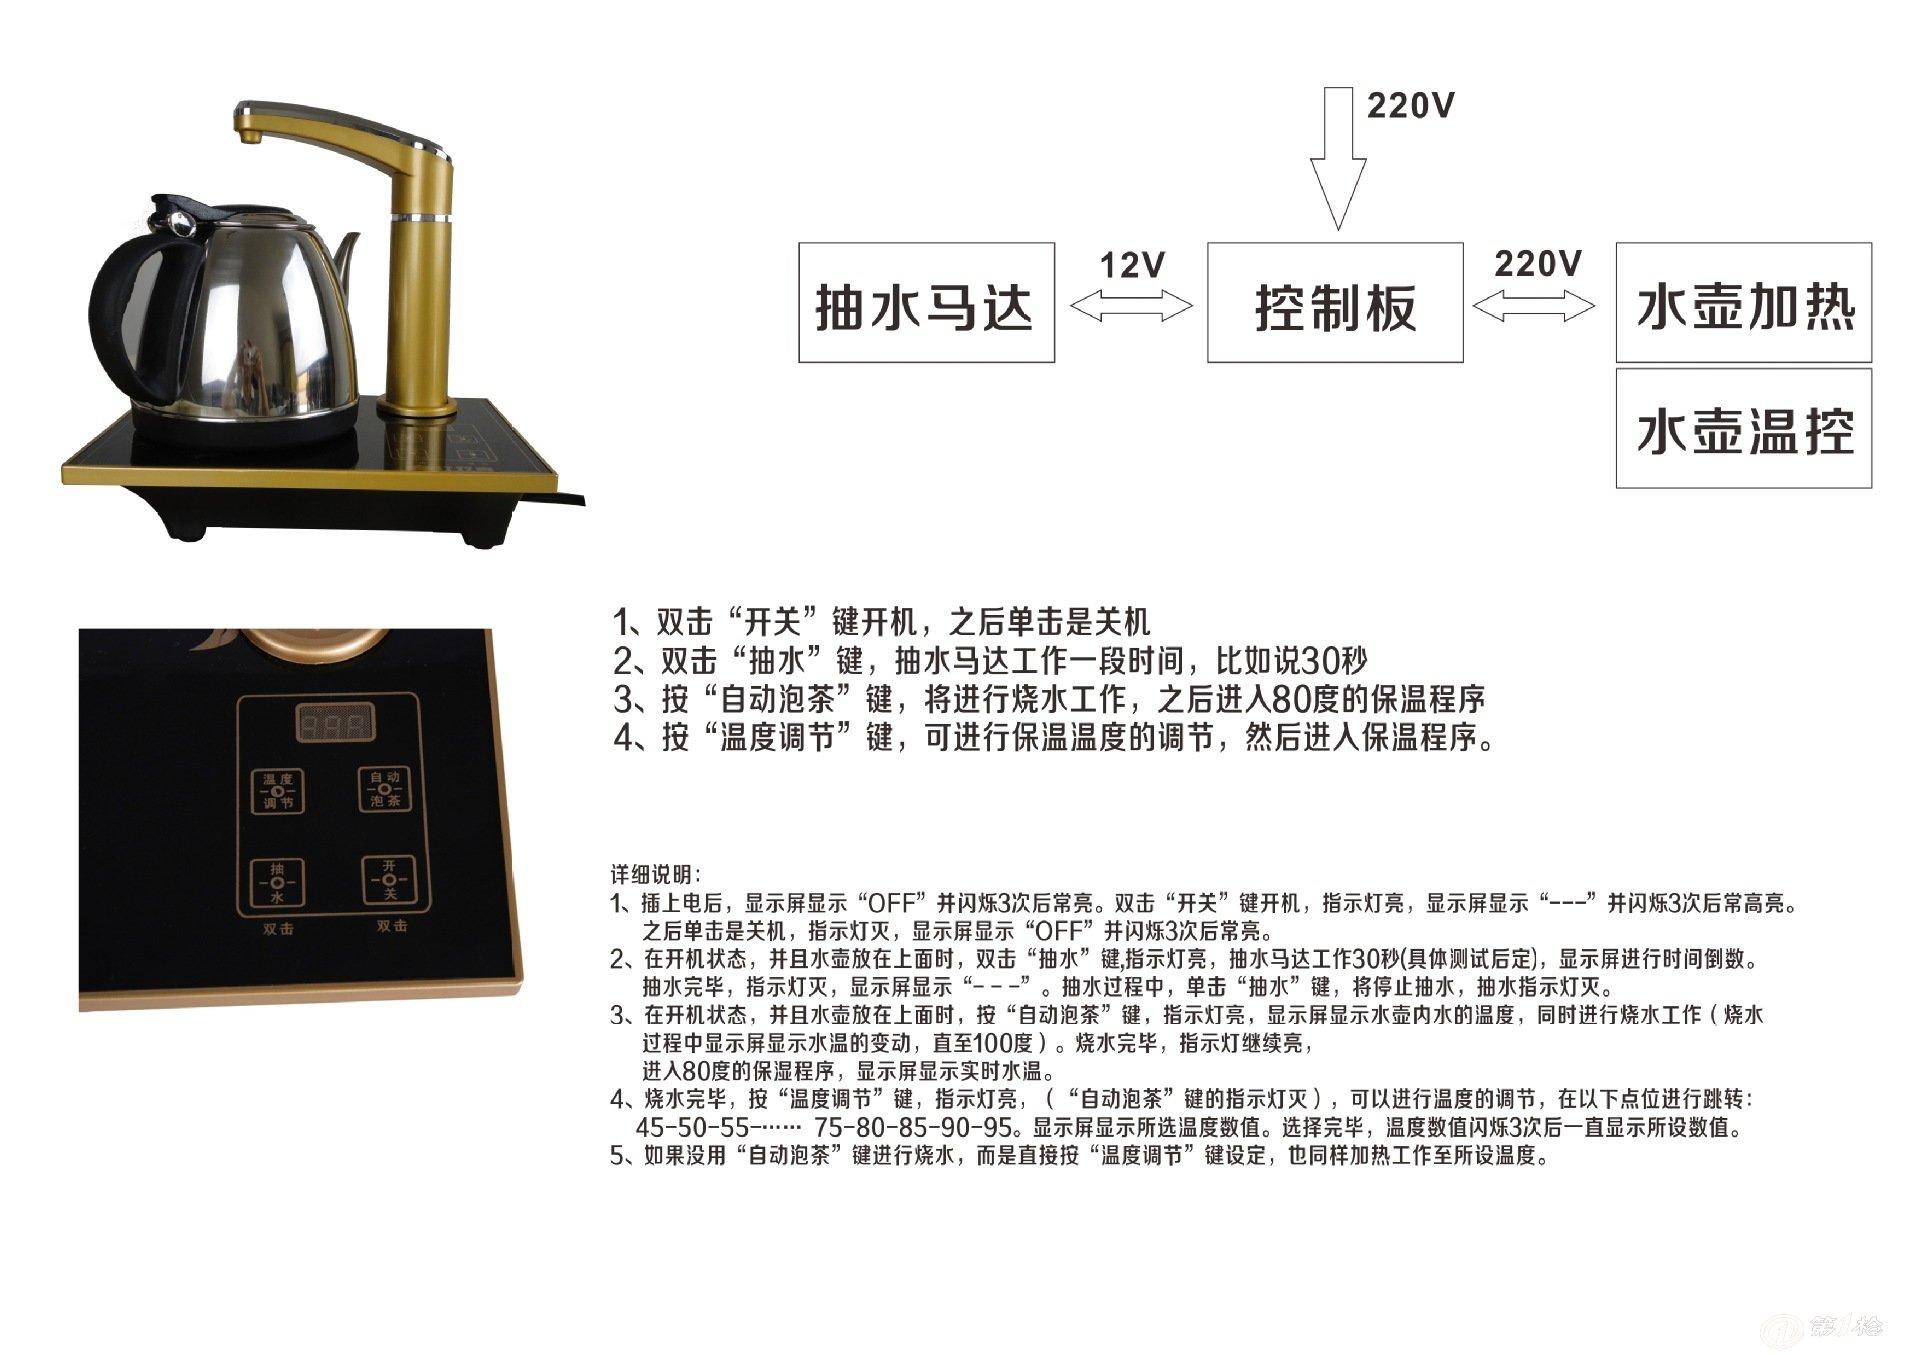 产品库 电子元器件 线路板/电路板 触摸按键自动加抽水保温电茶壶程序